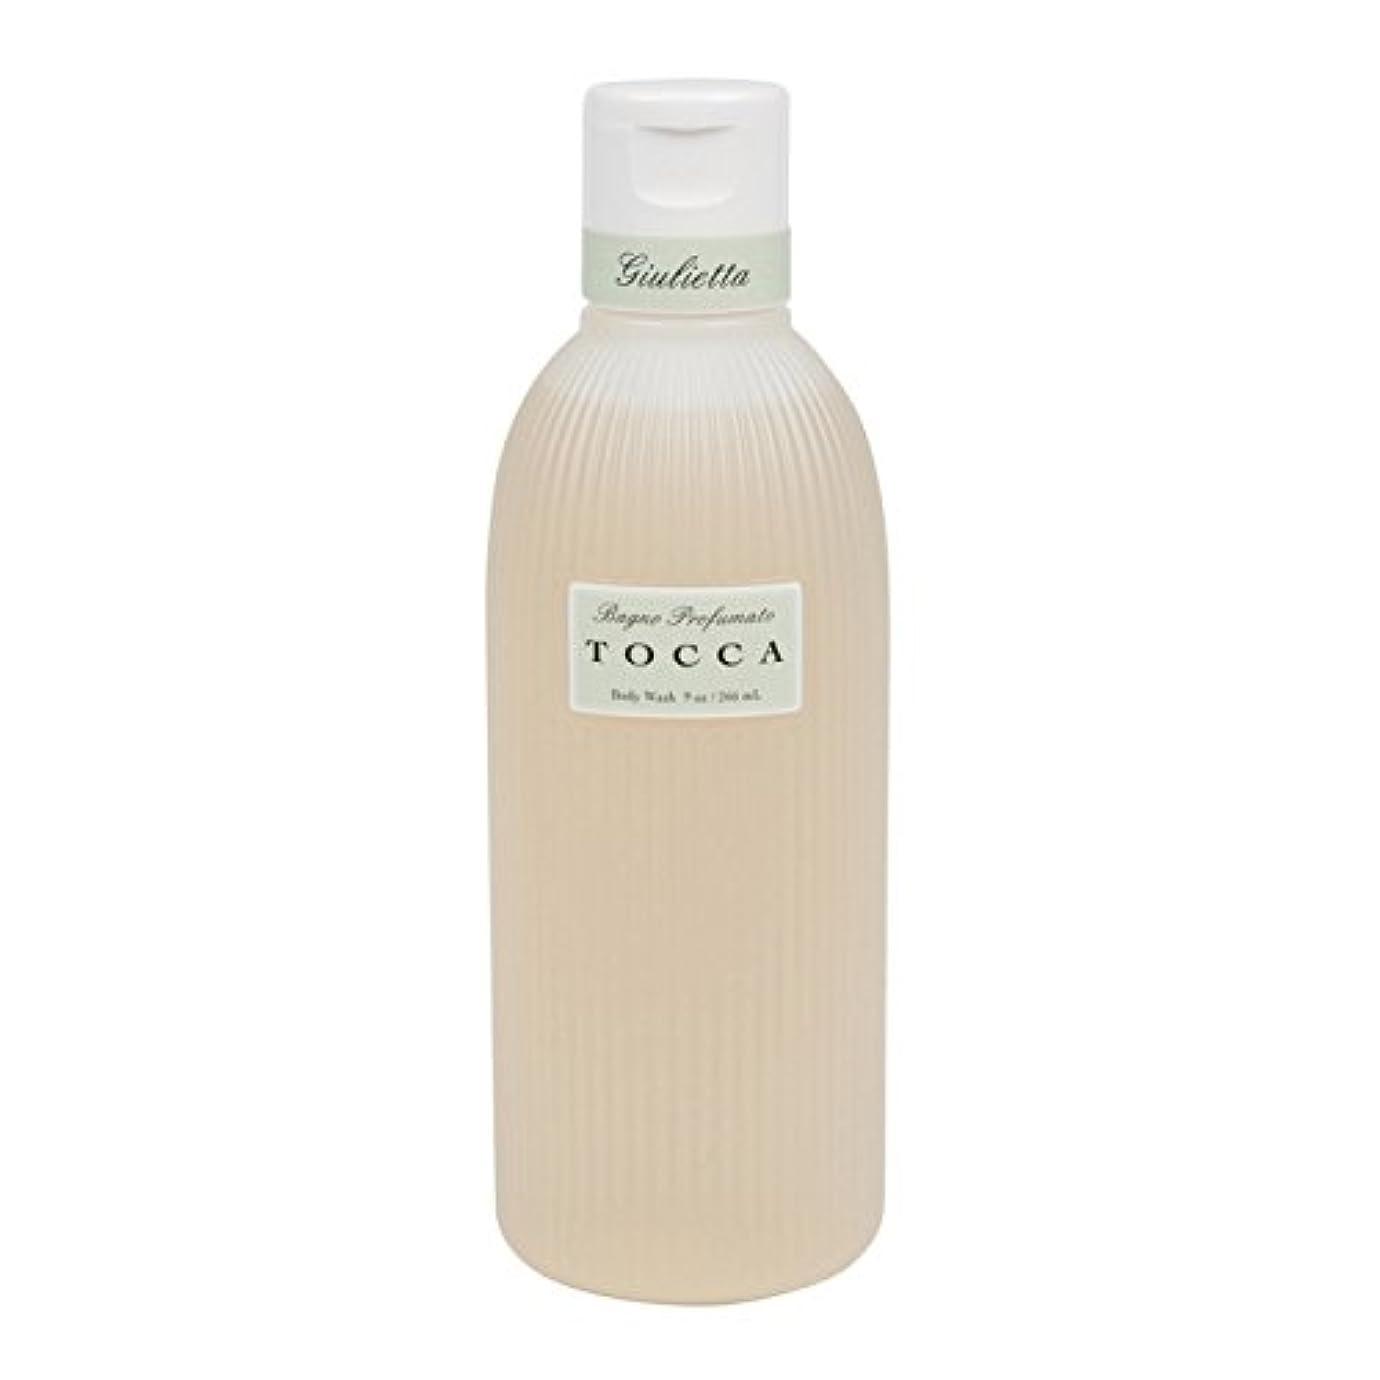 領域キャプテンブライコンクリートトッカ(TOCCA) ボディーケアウォッシュ ジュリエッタの香り  266ml(全身用洗浄料 ボディーソープ ピンクチューリップとグリーンアップルの爽やかで甘い香り)